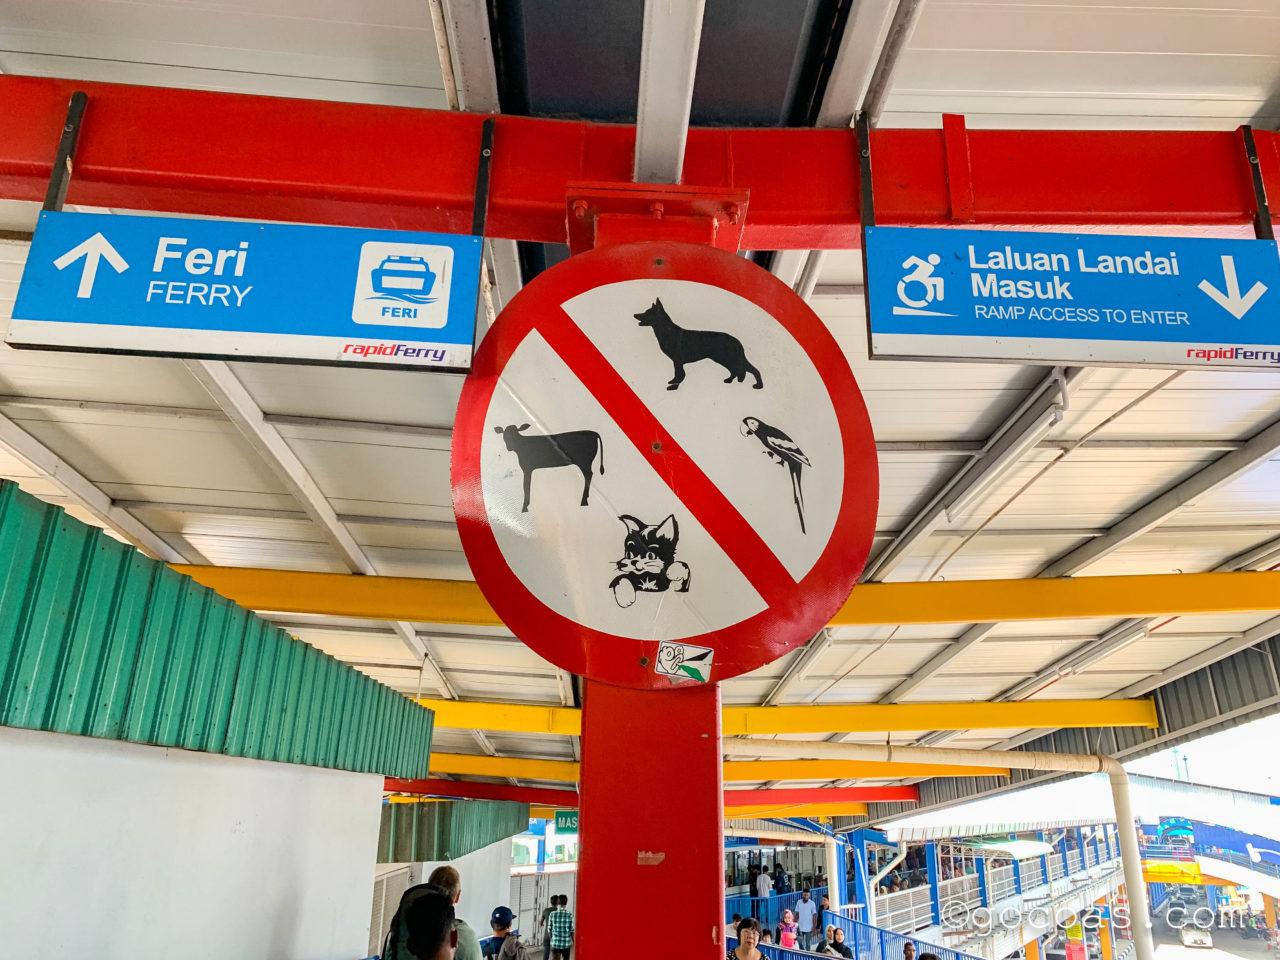 Buttrerworthのフェリー乗り場の動物禁止の看板